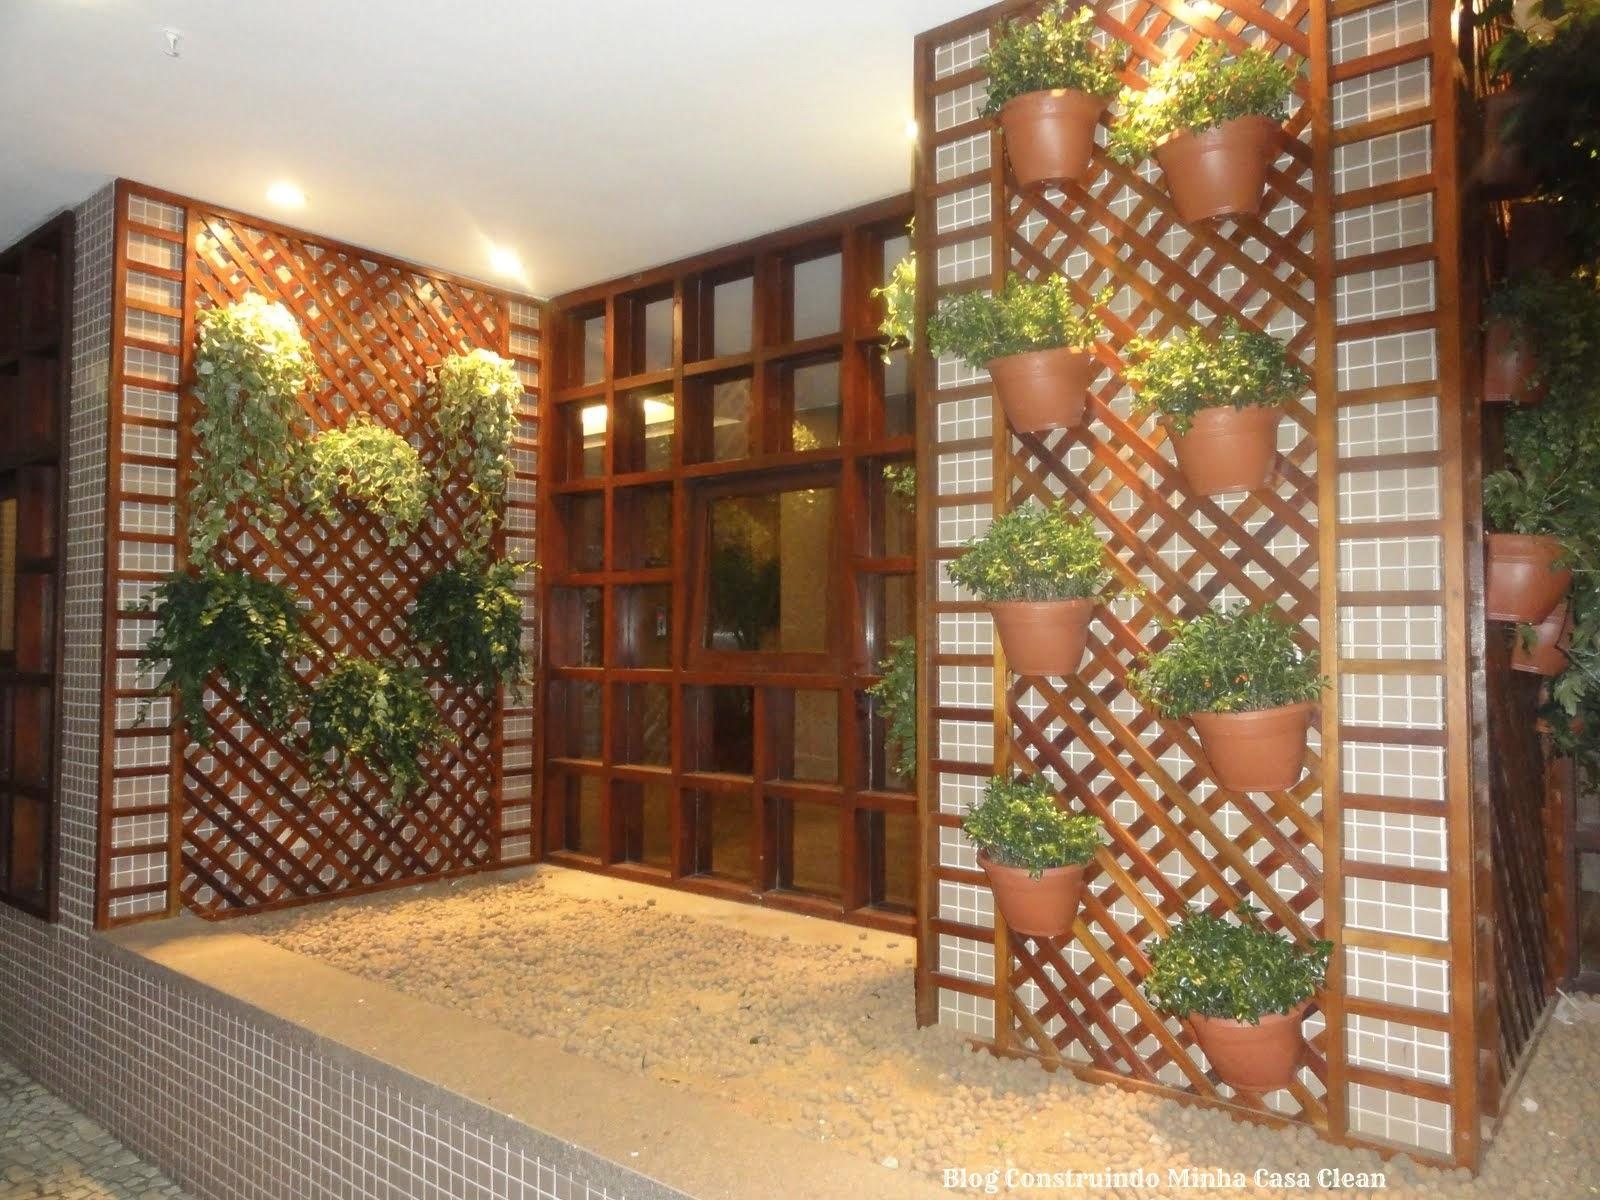 Construindo Minha Casa Clean: 22 Jardins Verticais Maravilhosos! Veja  #9B8E30 1600x1200 Banheiro Com Jardim Vertical